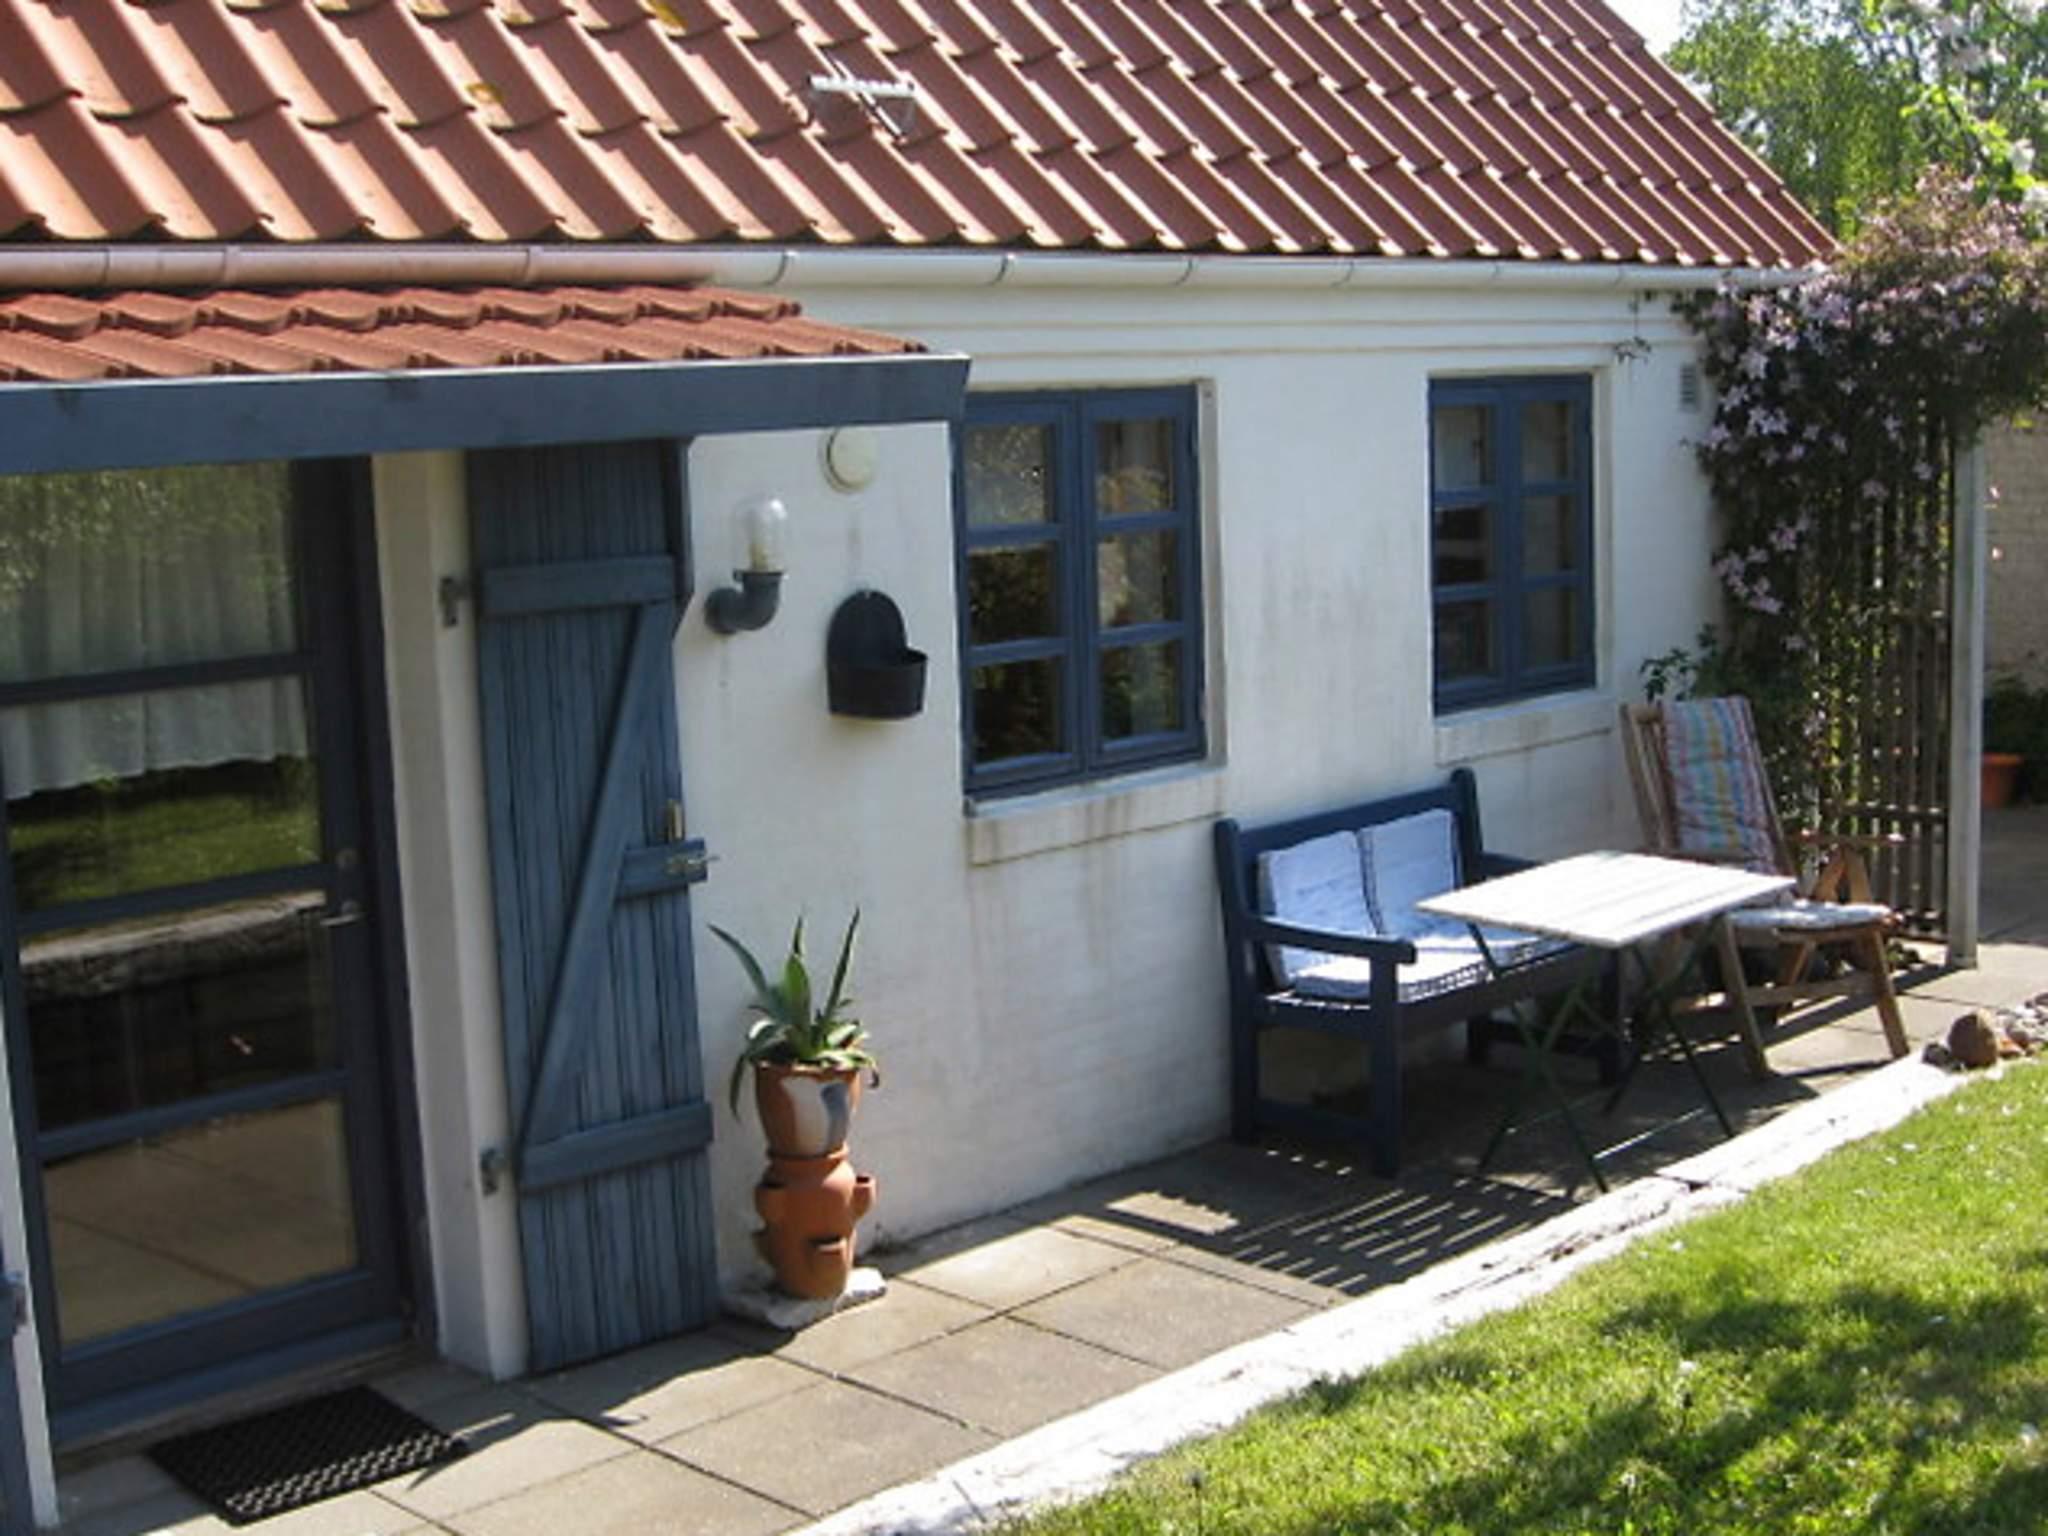 Ferienhaus St. Darum (306951), Bramming, , Südjütland, Dänemark, Bild 9